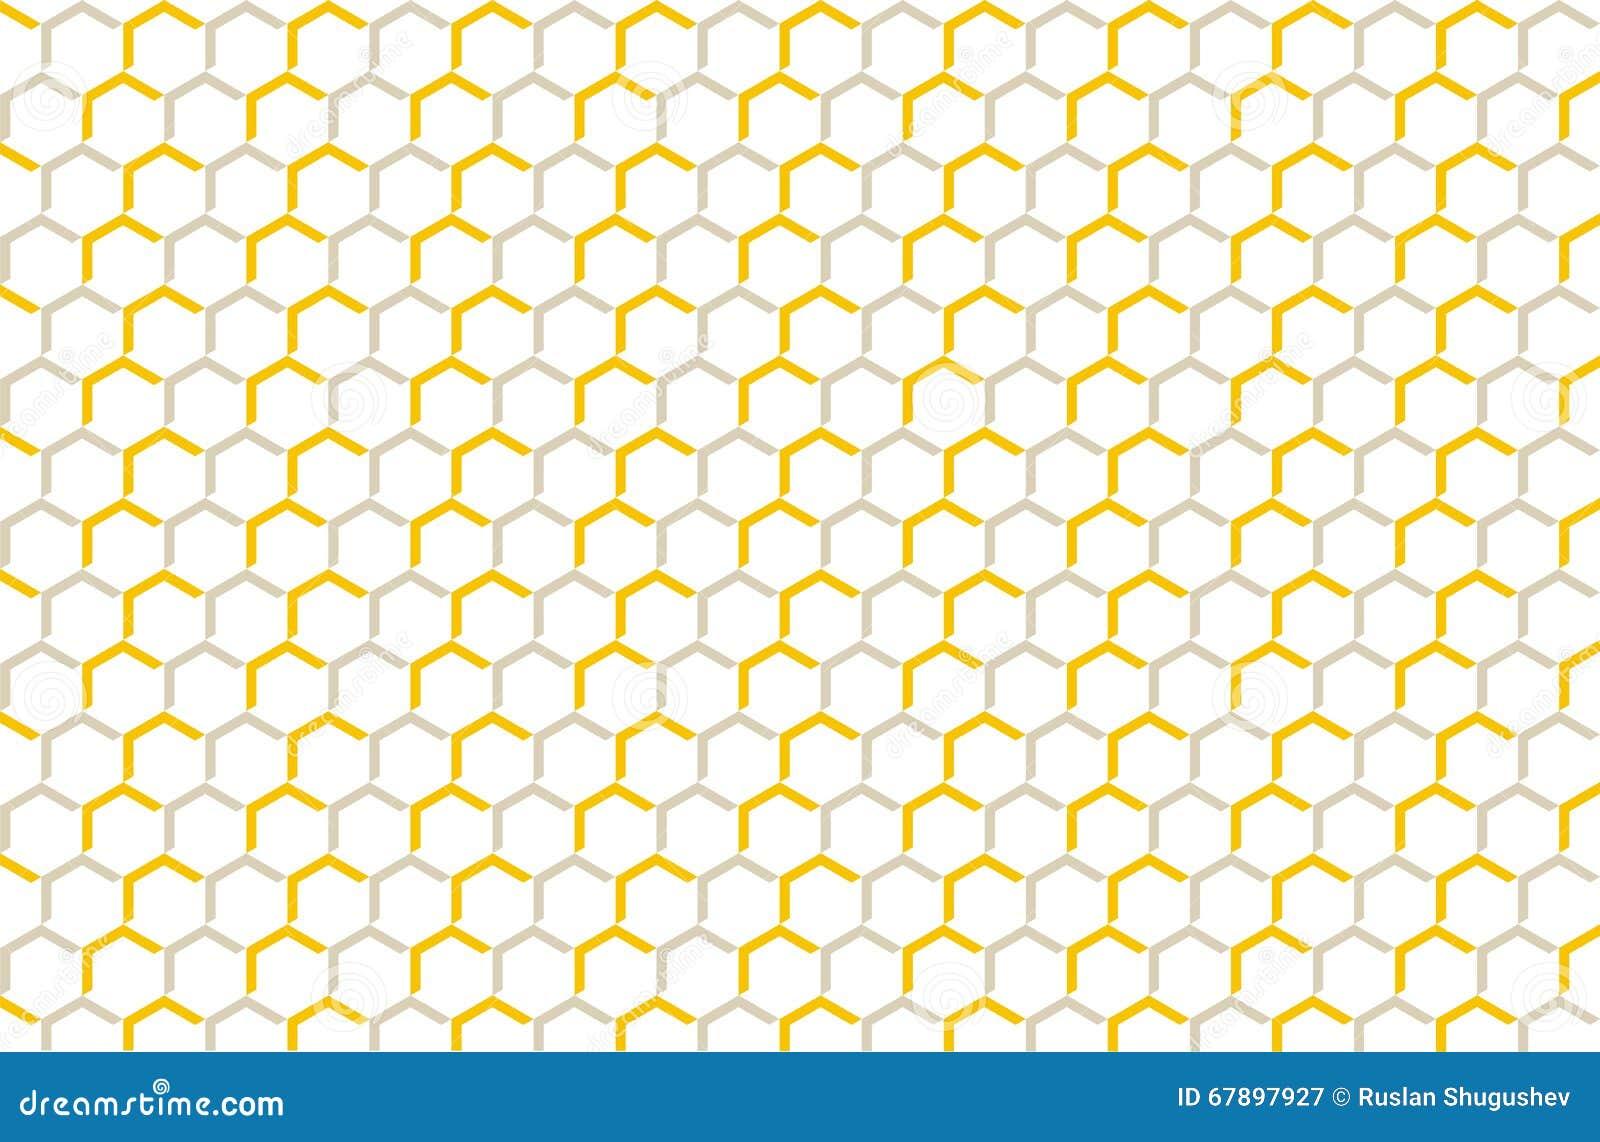 装饰品蜂蜜,装饰的网格图形